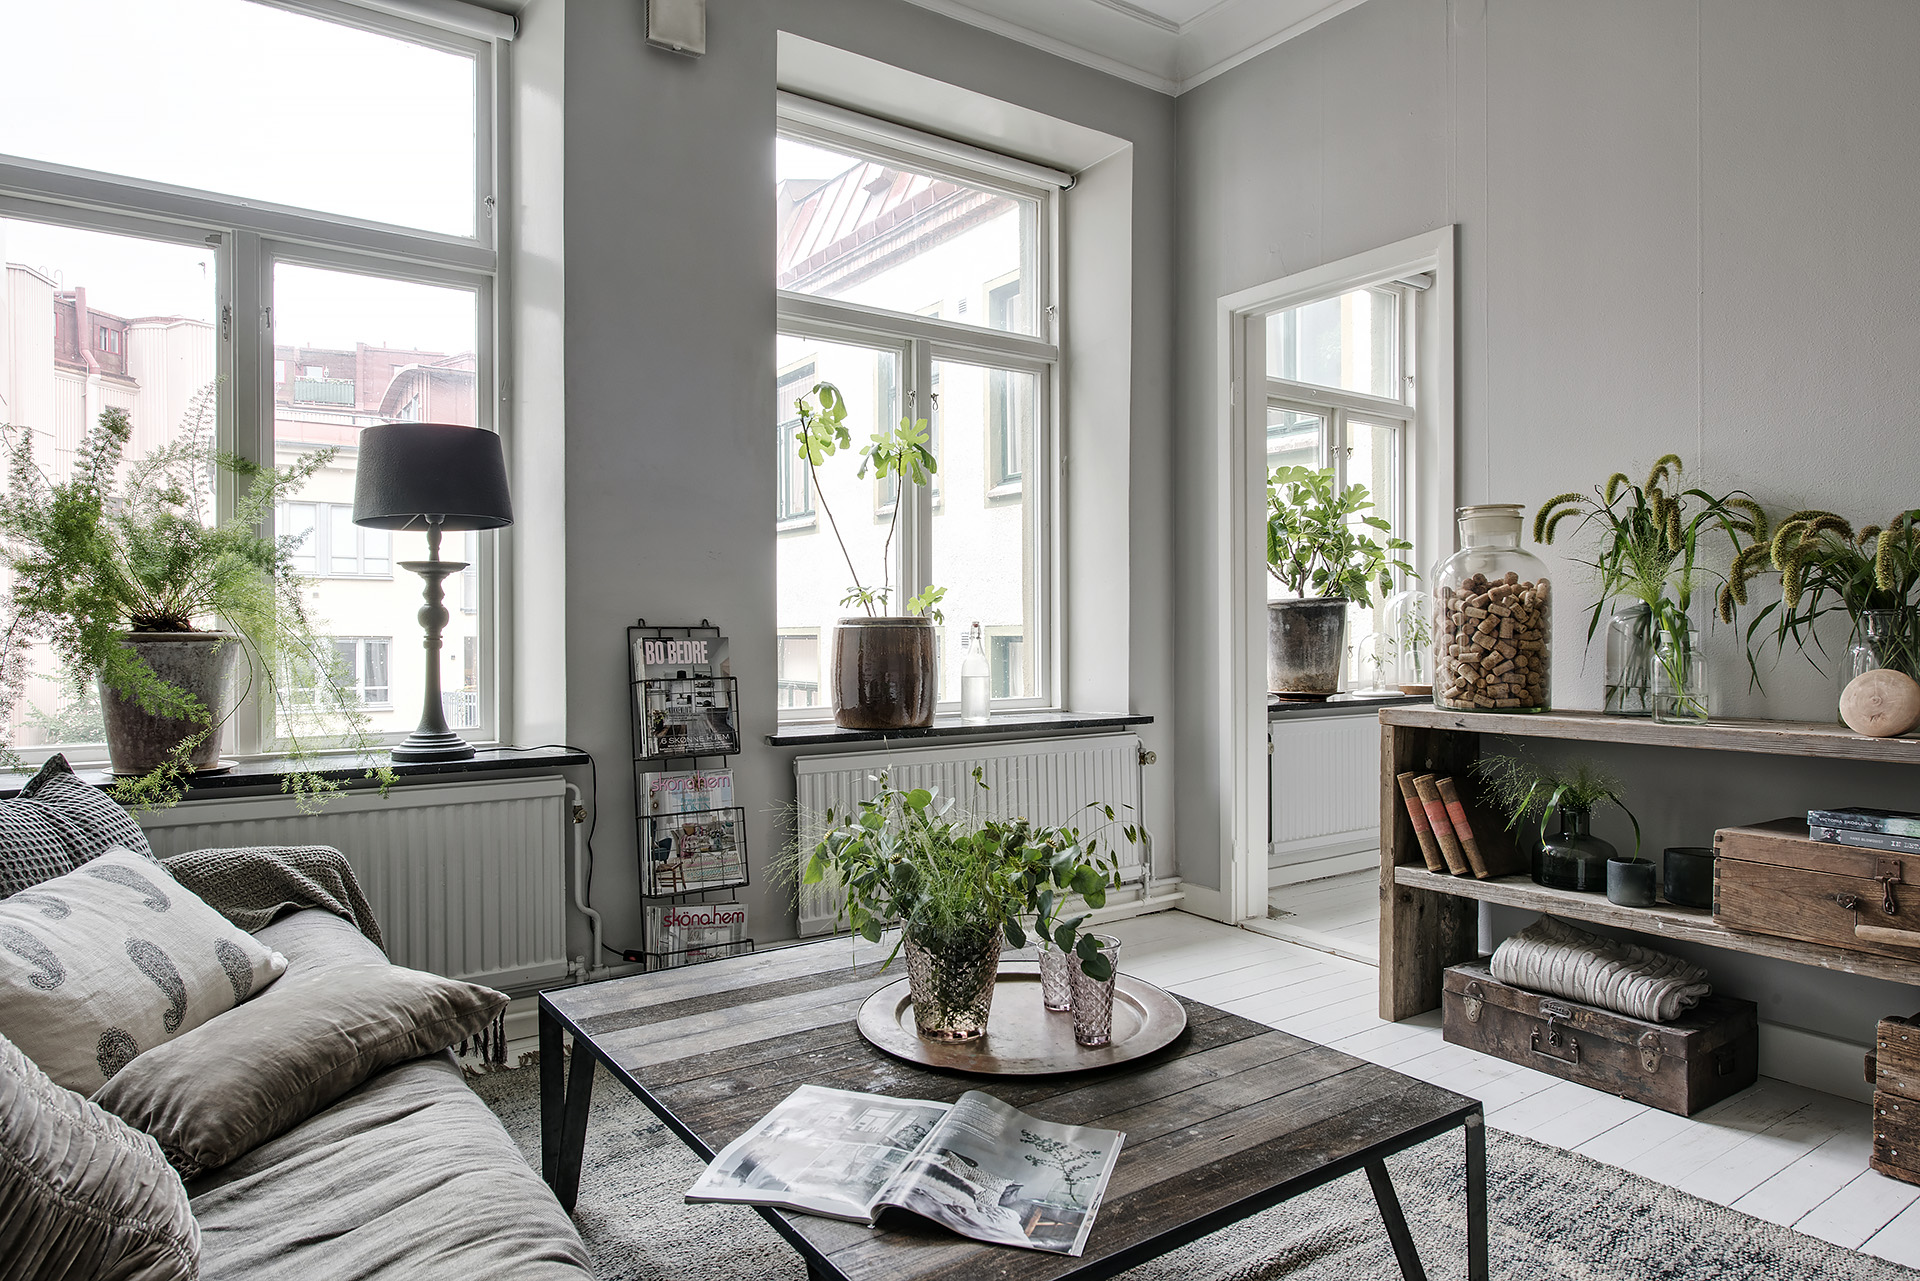 Estancias llenas de vida con plantas interiores chic - Blog decoracion interiores ...